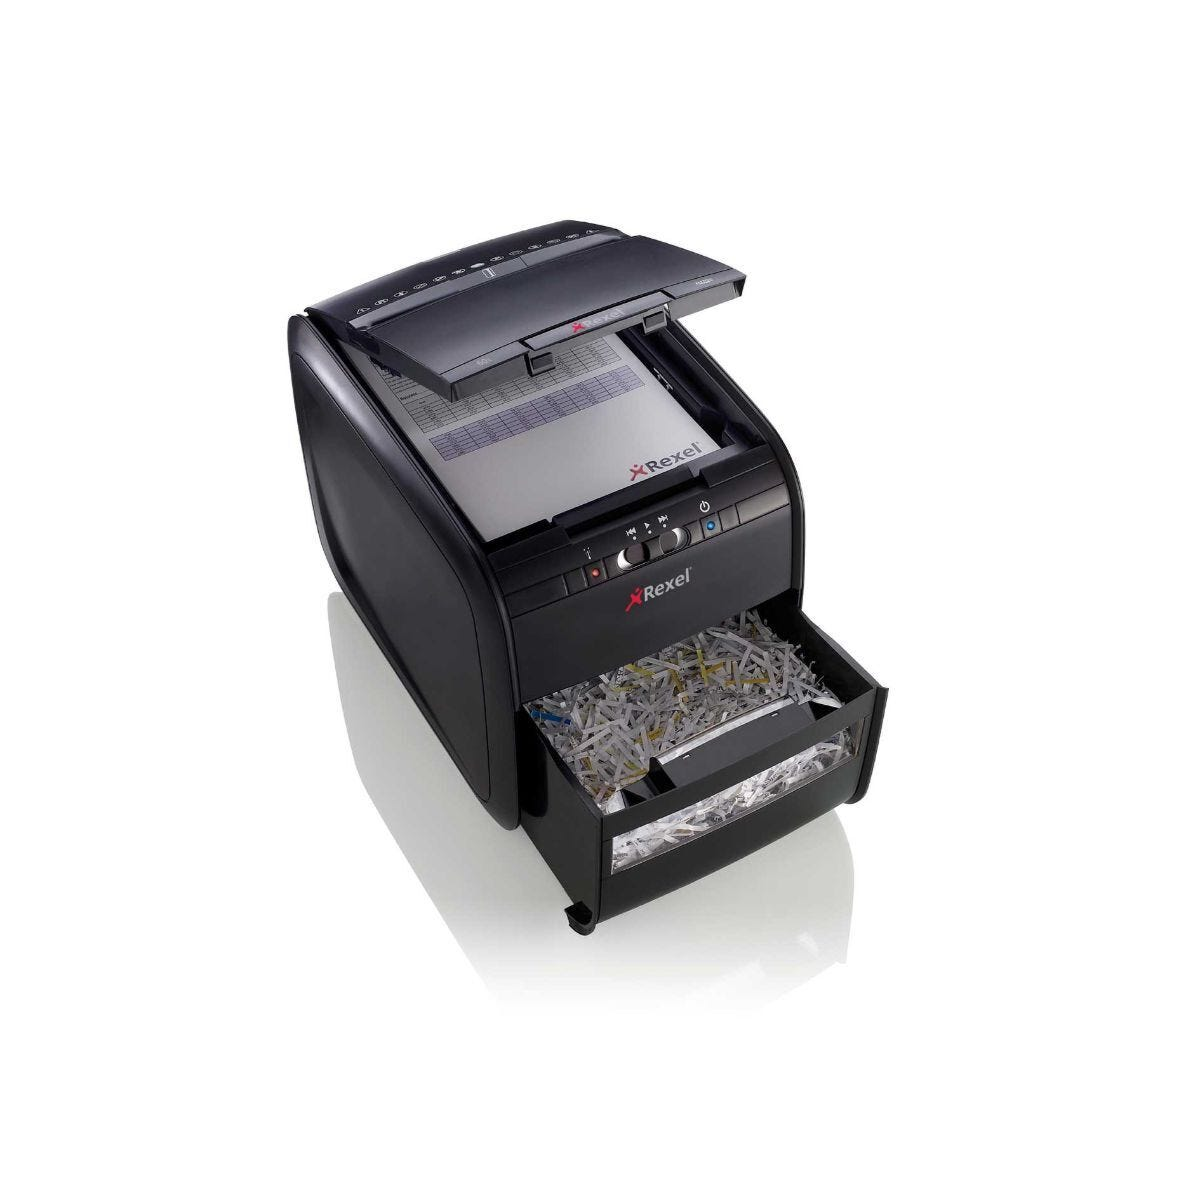 Rexel Auto+ 60X 60 Sheet Cross Cut Shredder